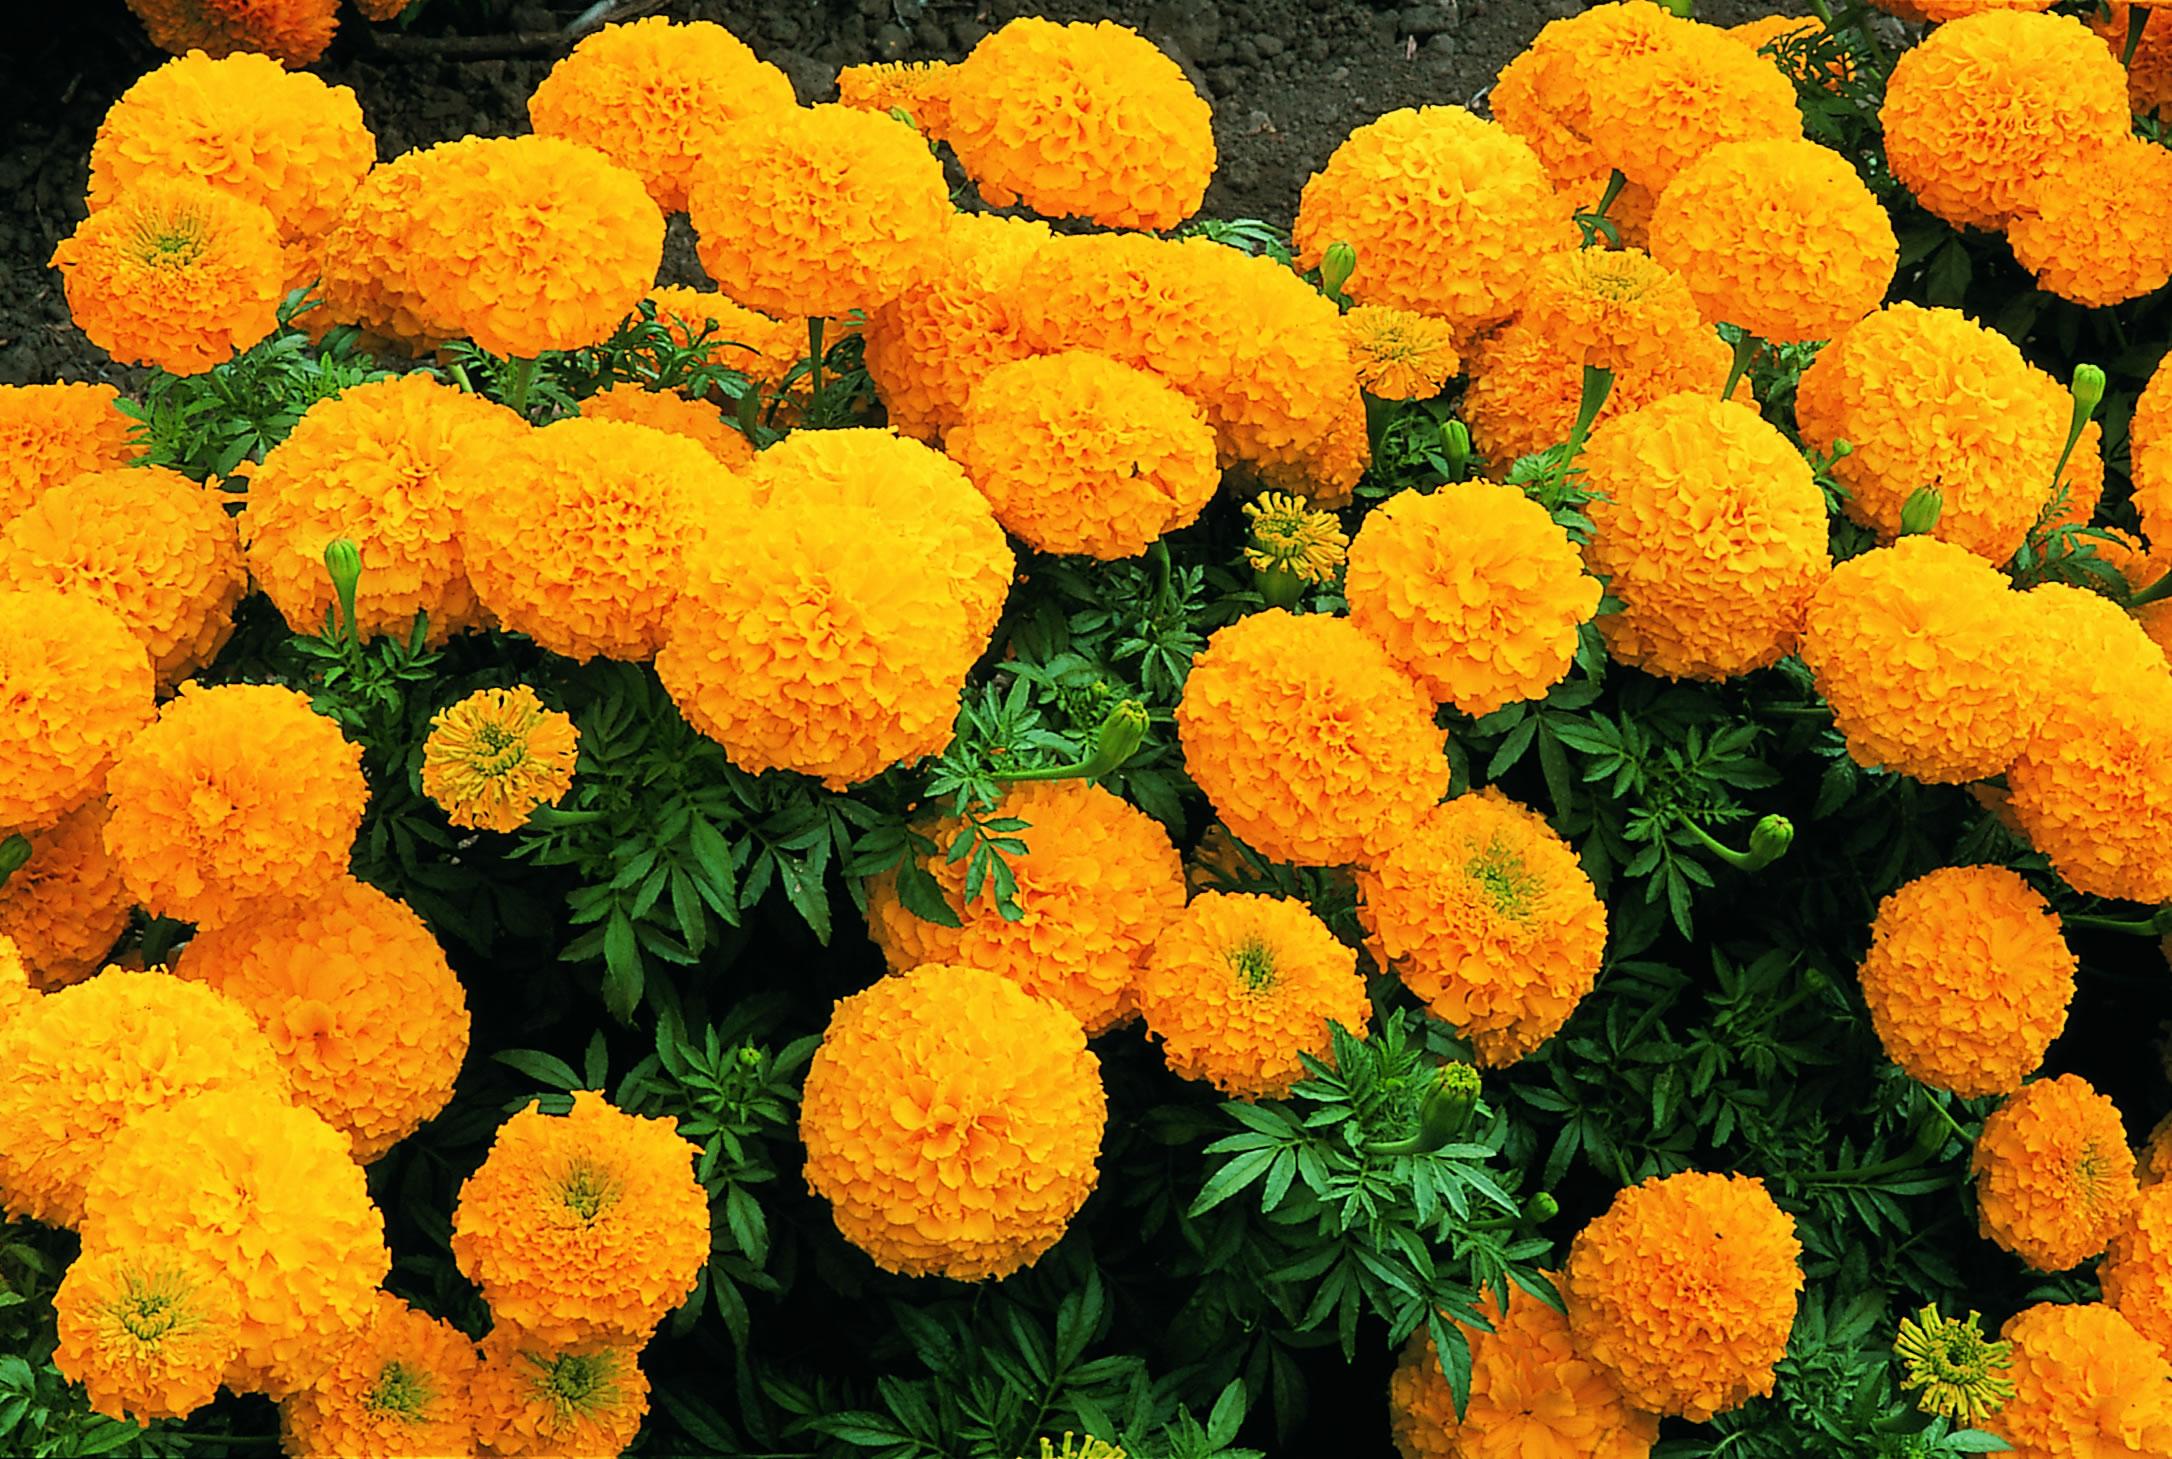 продаже новые цветы высокие для сада и огорода фото с названиями странно